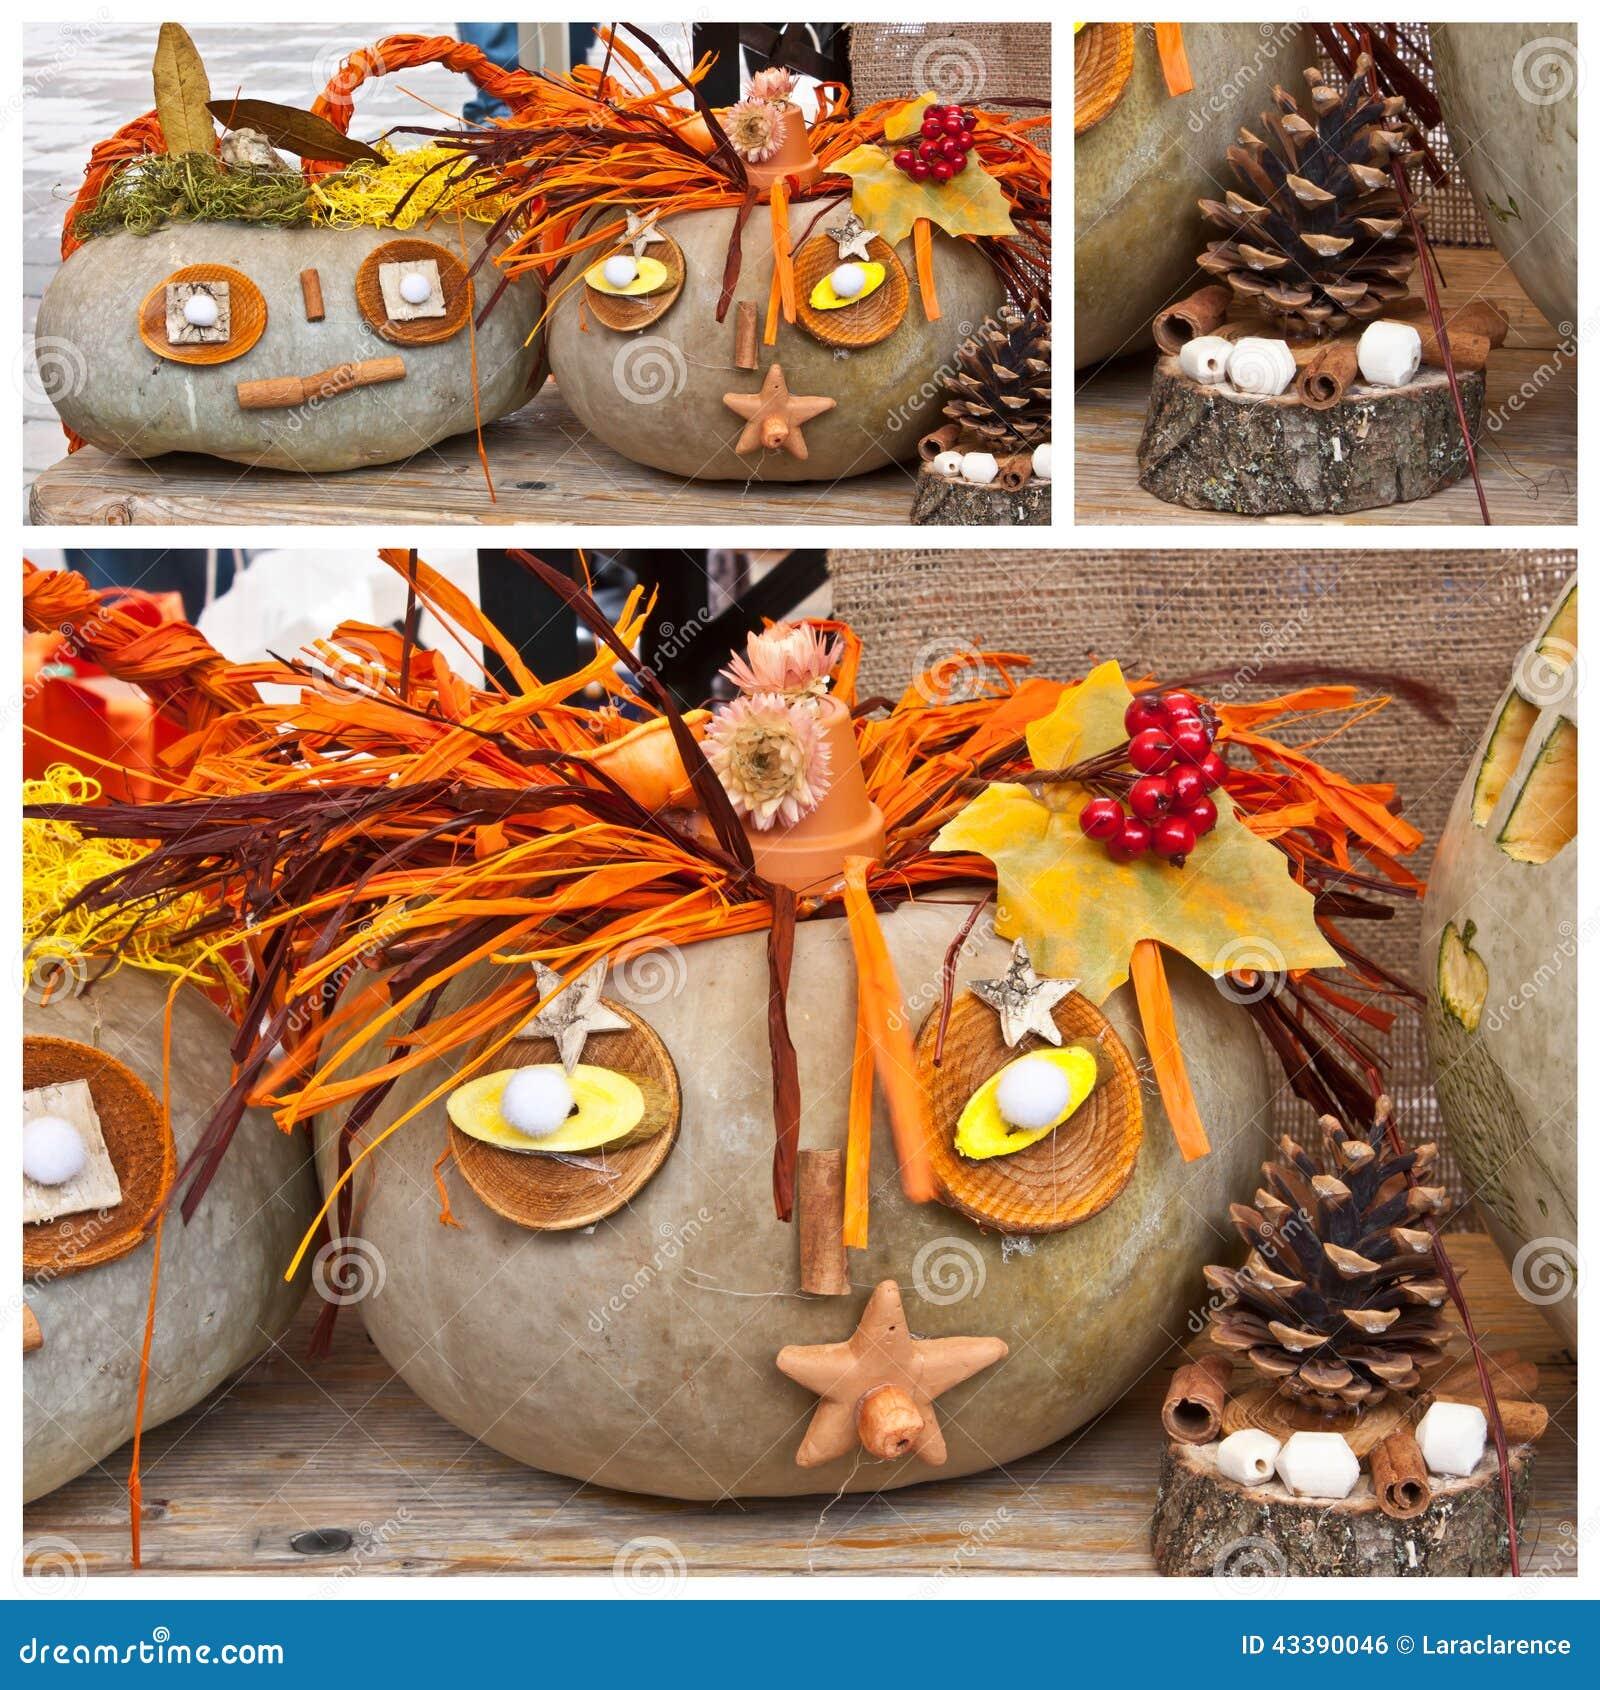 d coration de jardin pour l 39 automne photo stock image 43390046. Black Bedroom Furniture Sets. Home Design Ideas